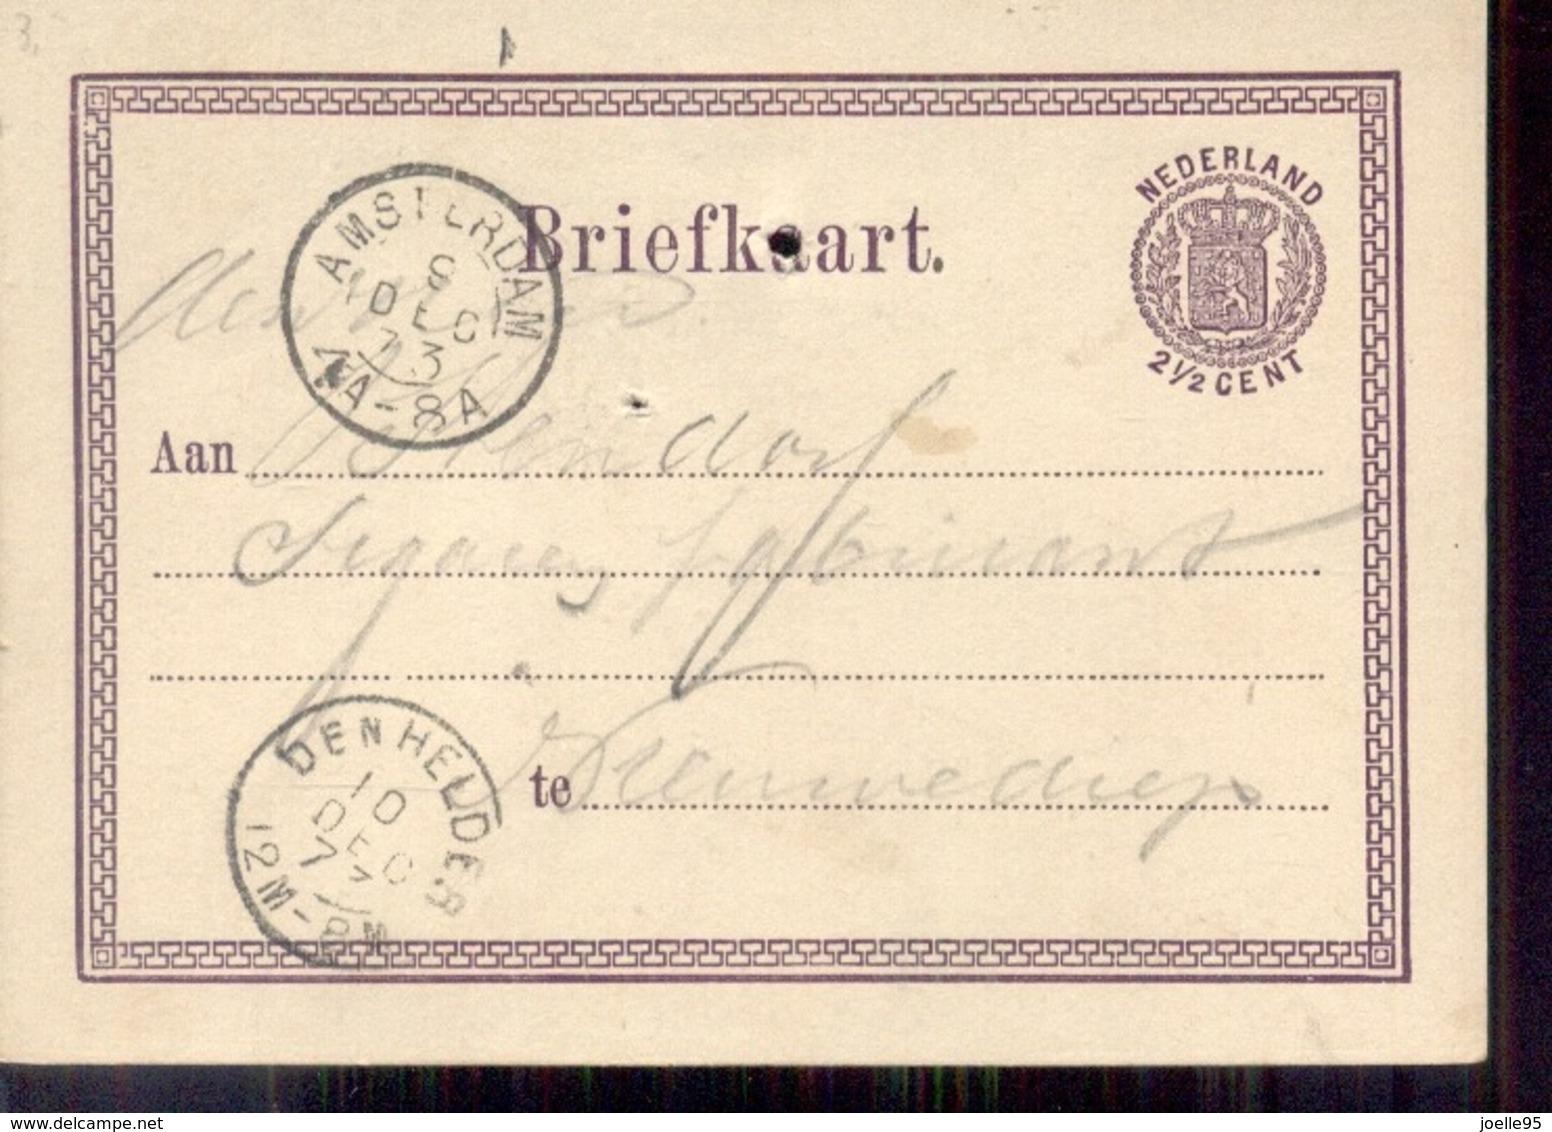 Kleinrond Amsterdam - Den Helder 10 DEC 77 - Poststempel